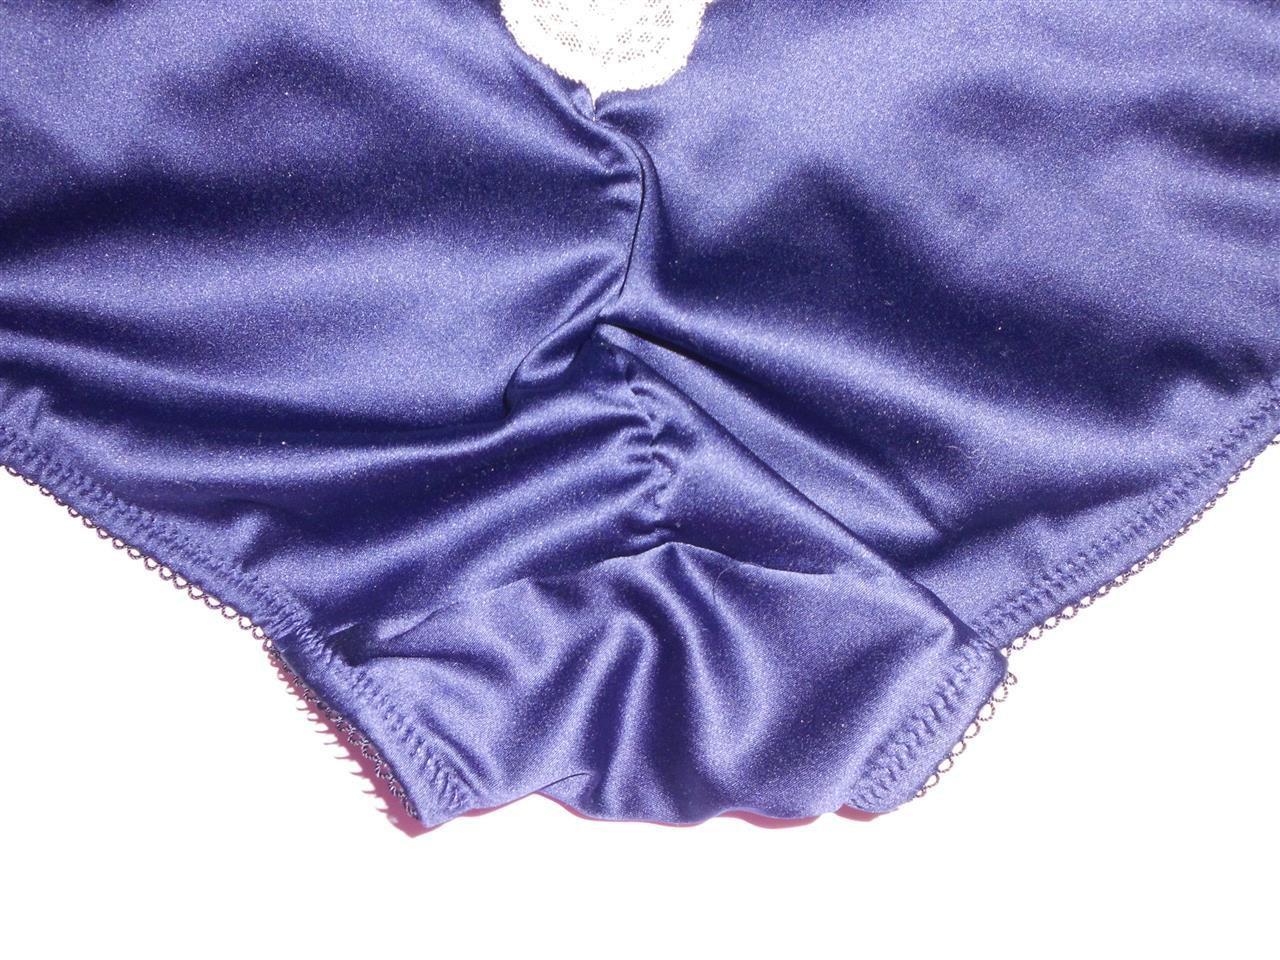 Dámské kalhotky 31-3122 - Pleasure State tmavě modrá M